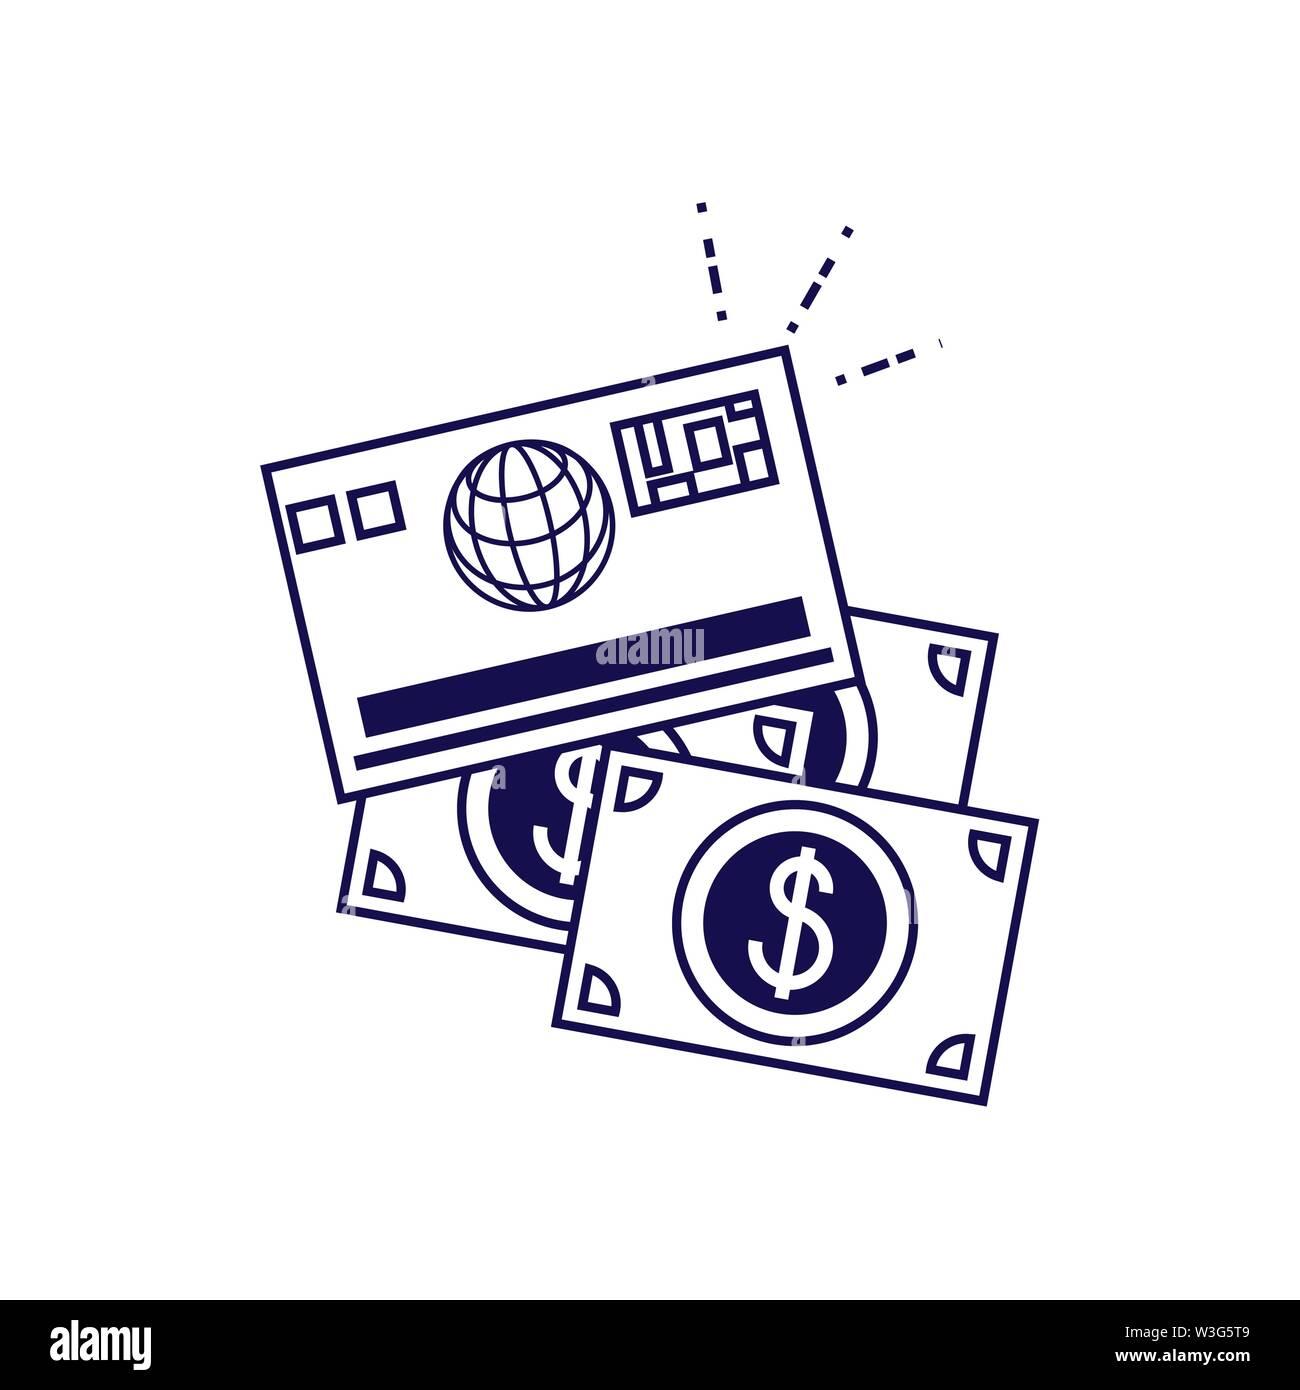 Rechnungen Geld Dollar mit Kreditkarte Vector Illustration Design Stockbild